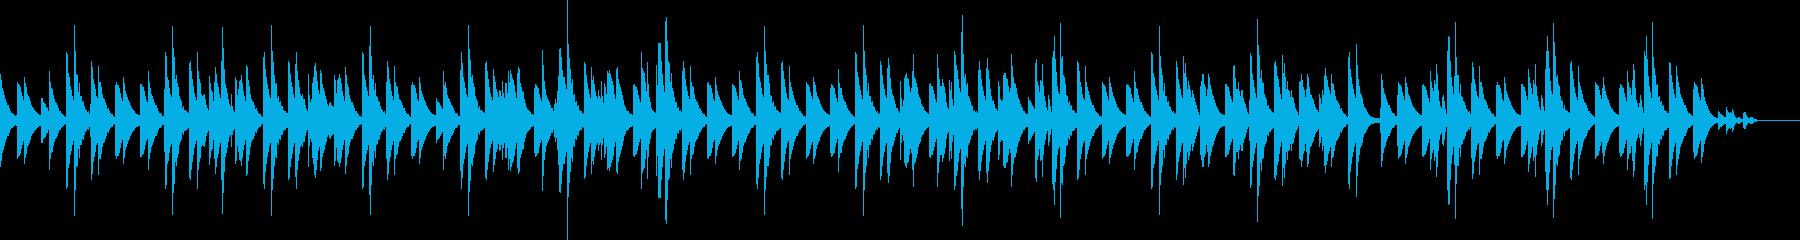 作業時に聞き流せる曲の再生済みの波形